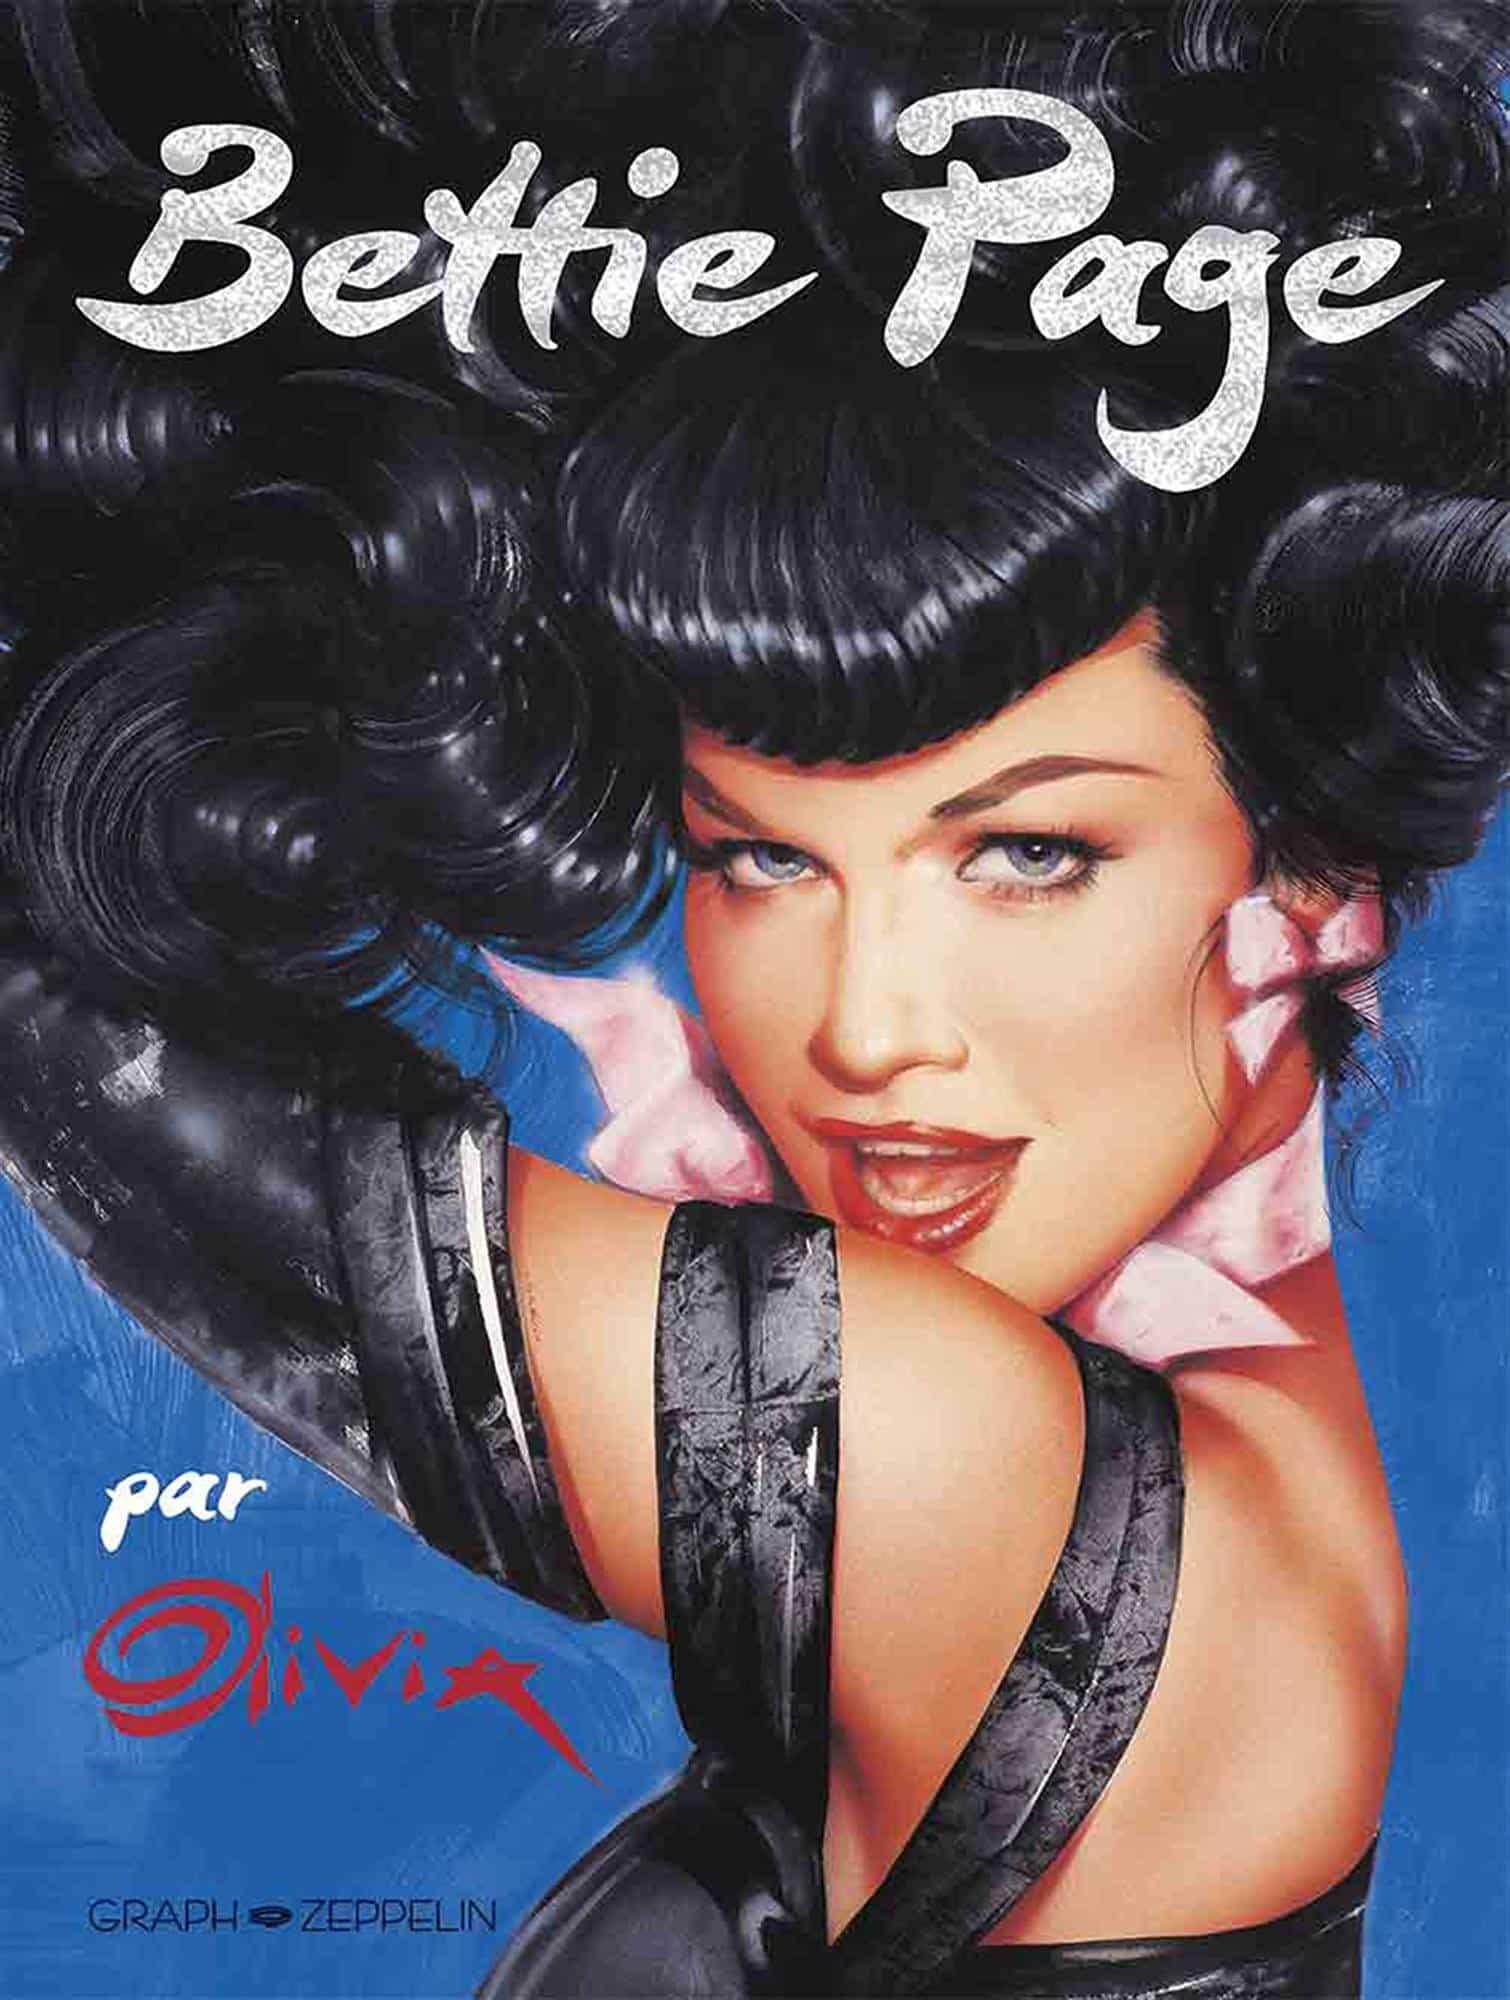 Bettie Page, la pin-up mythique par Berardinis